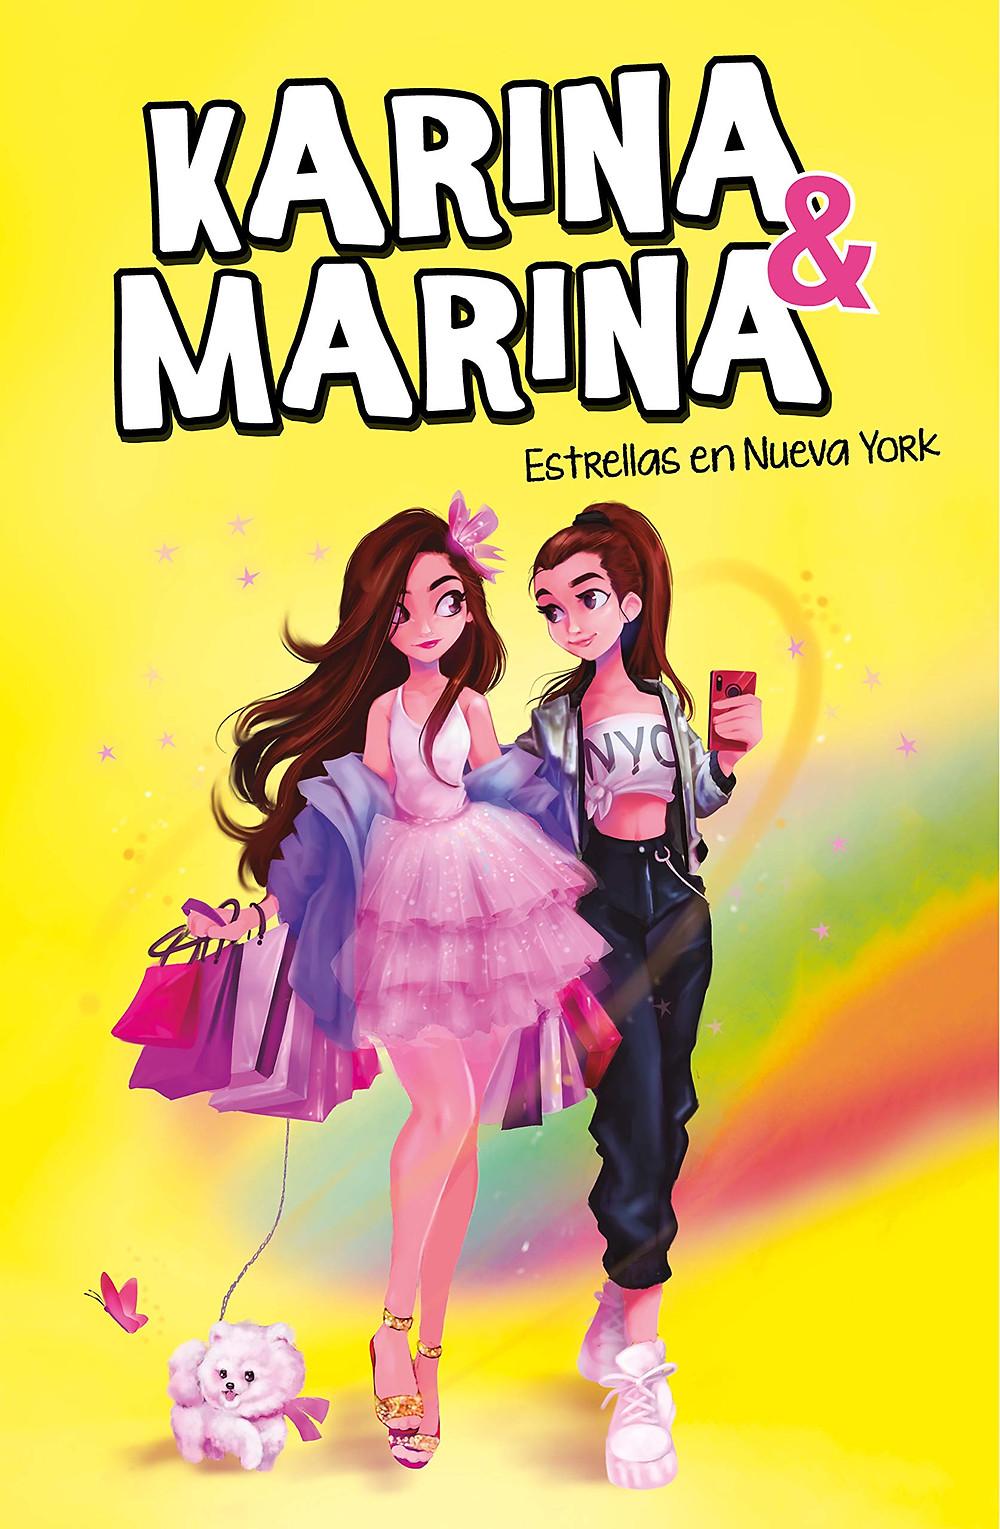 Karina y Marina, Estrellas en Nueva York